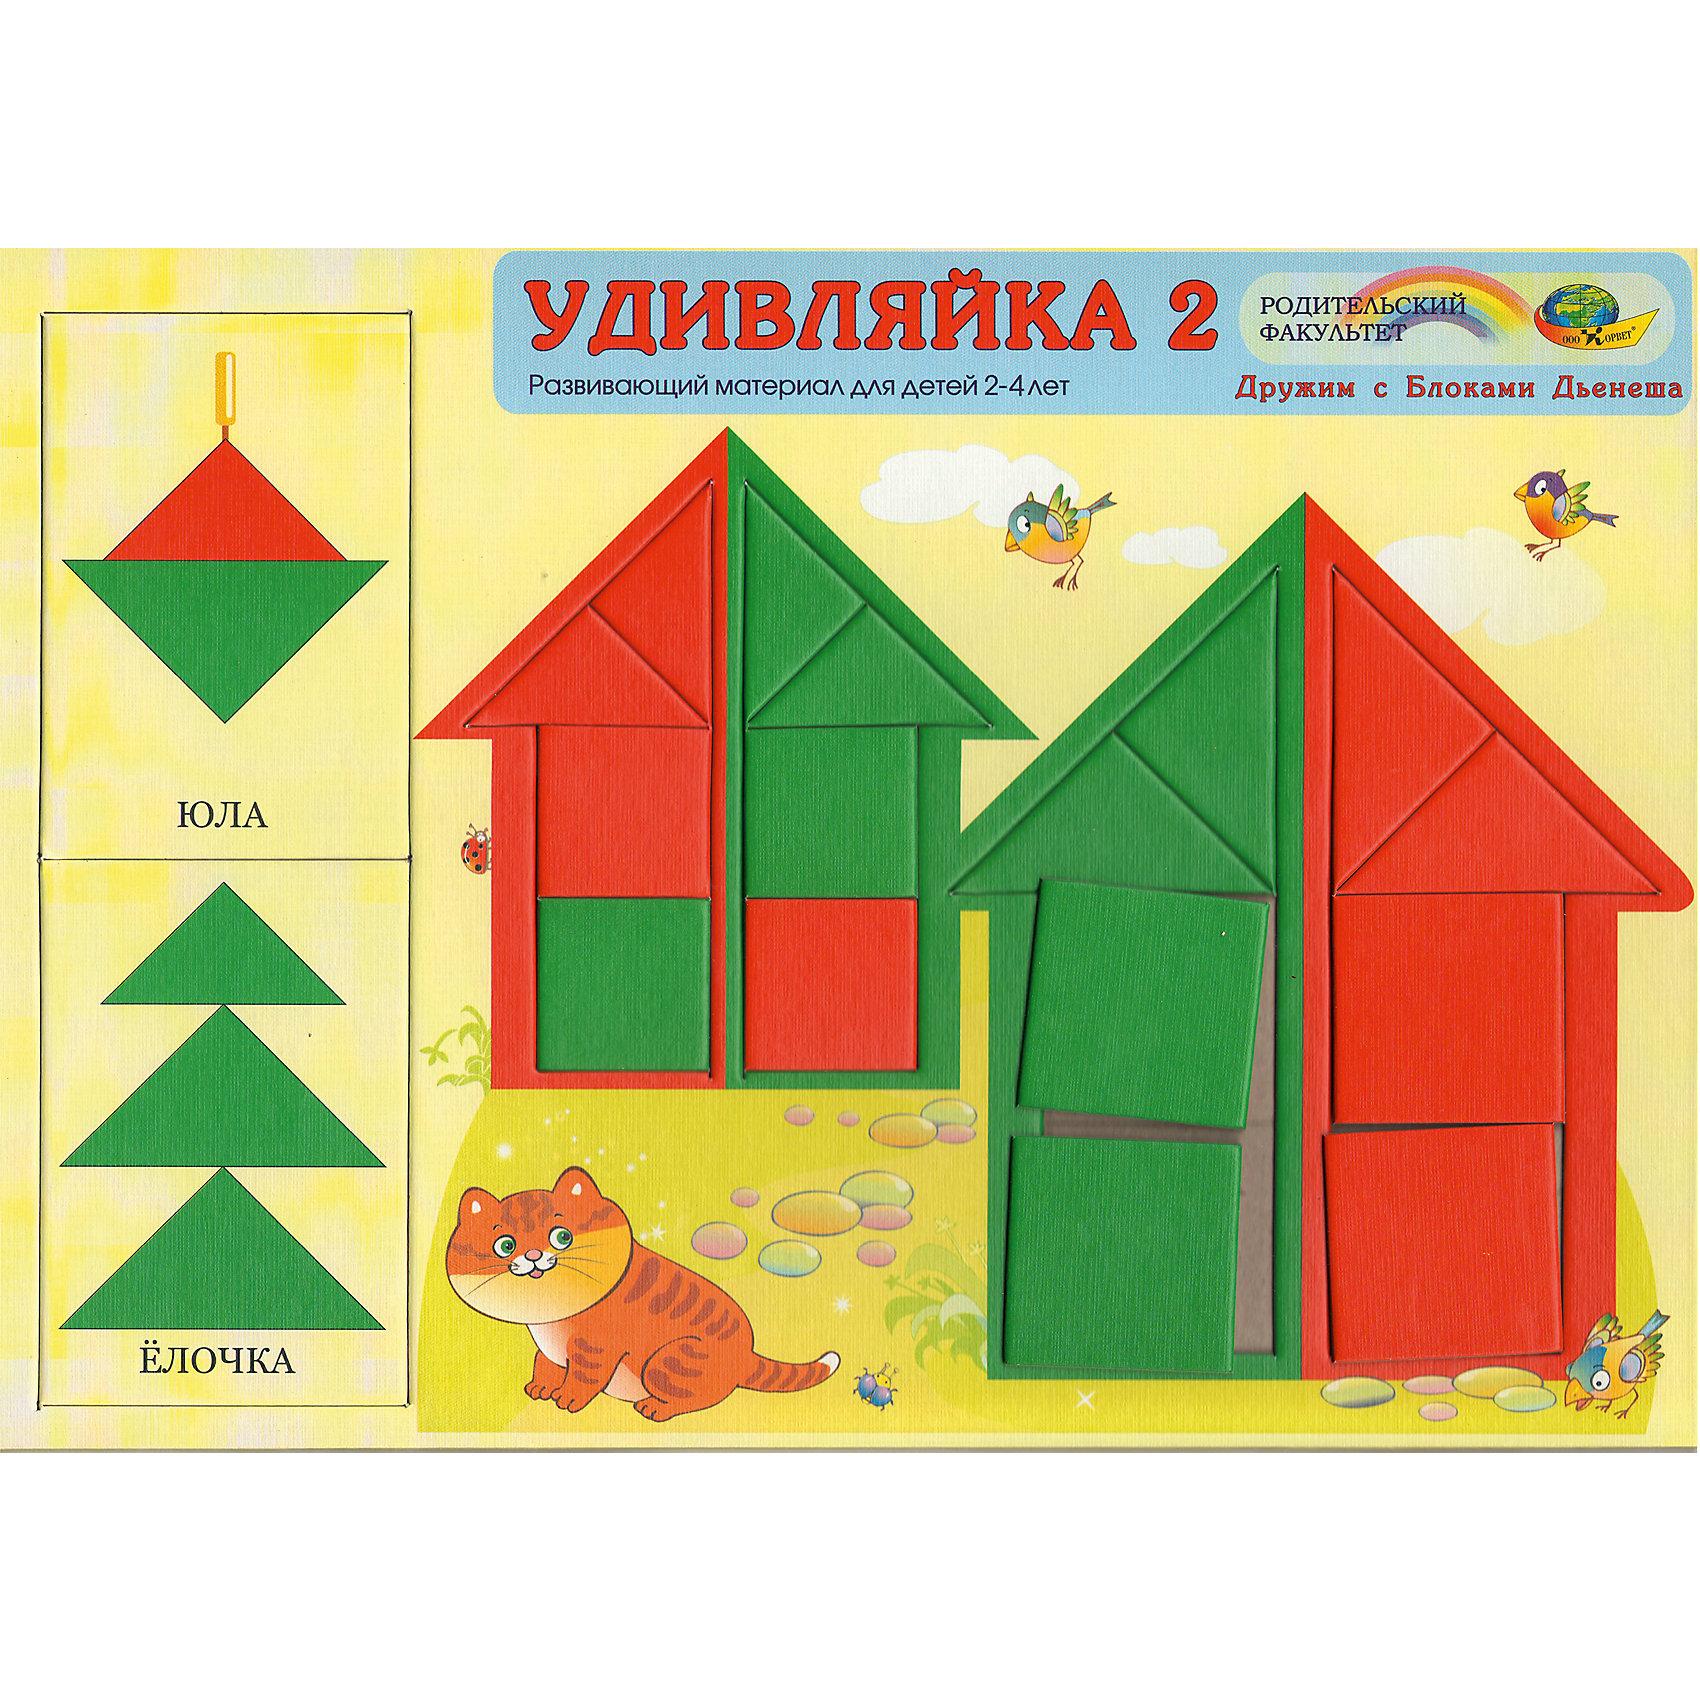 Развивающая игра Удивляйка 2. С блоками ДьенешаПособия для обучения счёту<br>Состав игры Удивляйка 2 -8 квадратов, 8 треугольников двух цветов и двух размеров. Малыши смогут научиться различать круг, треугольник, квадрат; выделять свойства (цвет и размер); сравнивать и группировать. Это первые шаги в освоении логики, опыт конструирования из геометрических фигур. Игровые упражнения Удивляек – начальная ступень к играм с логическими блоками Дьенеша.<br><br>Ширина мм: 30<br>Глубина мм: 21<br>Высота мм: 1<br>Вес г: 170<br>Возраст от месяцев: 24<br>Возраст до месяцев: 48<br>Пол: Унисекс<br>Возраст: Детский<br>SKU: 4803009